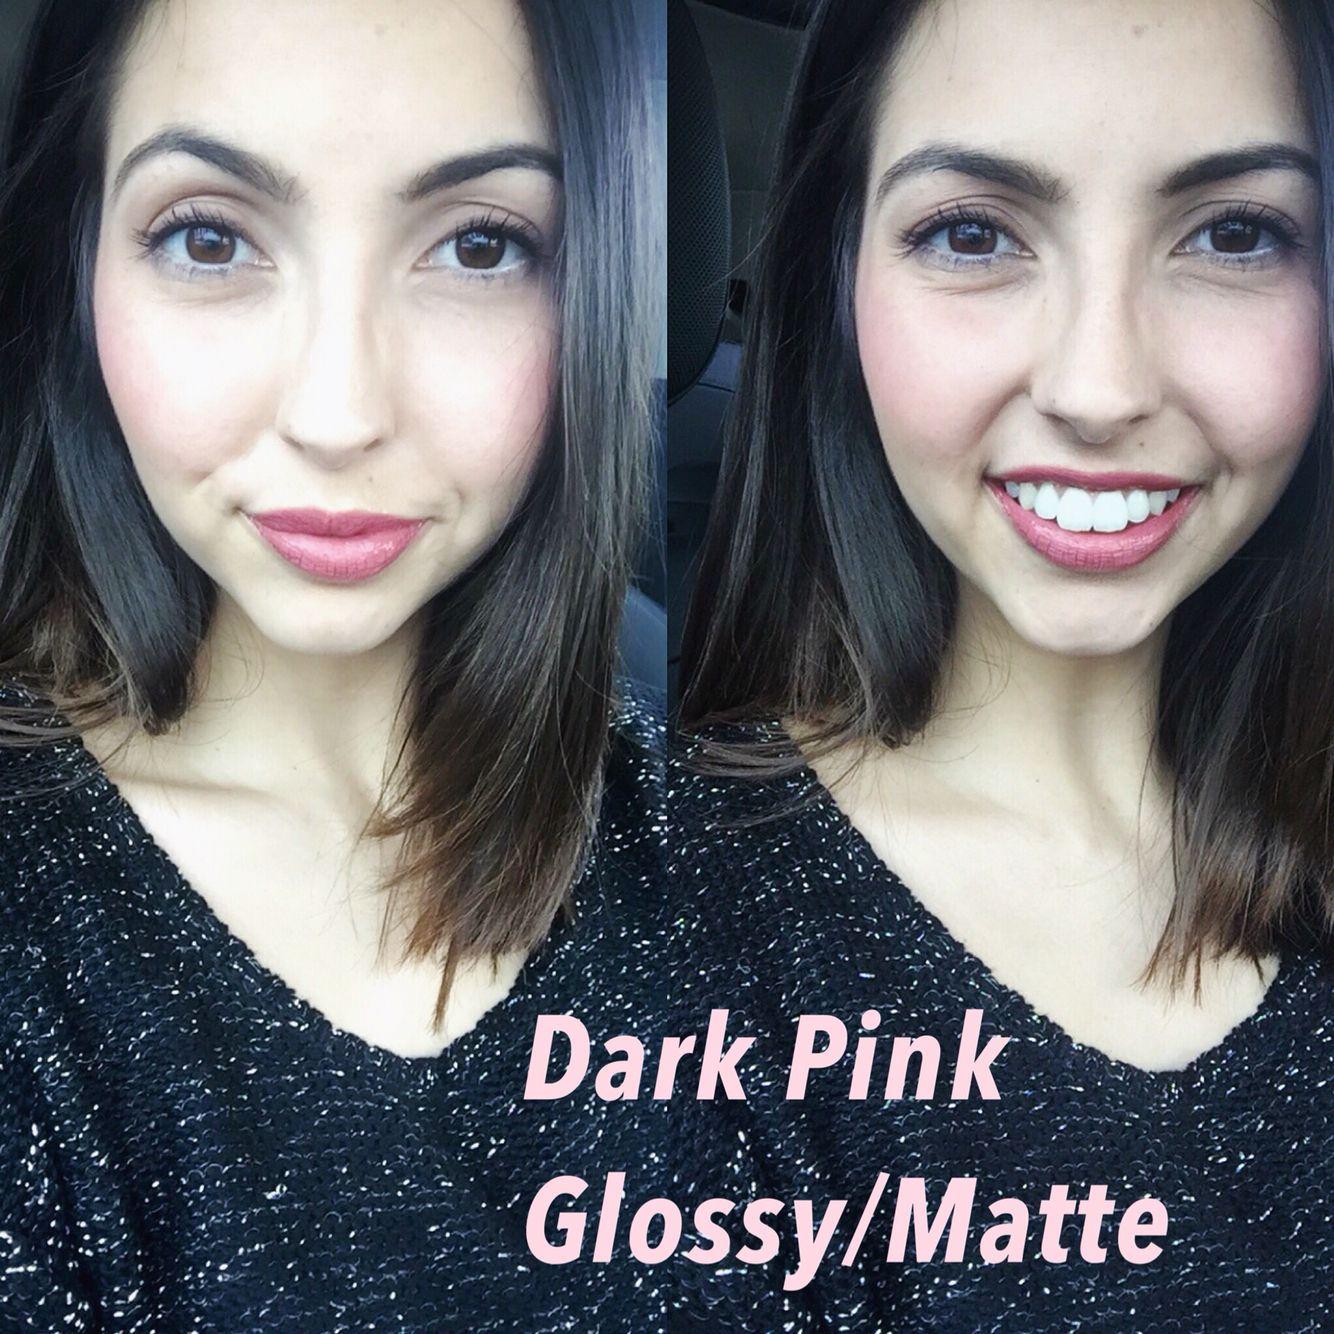 Dark Pink Lipsense Matte Gloss All Day Lip Color